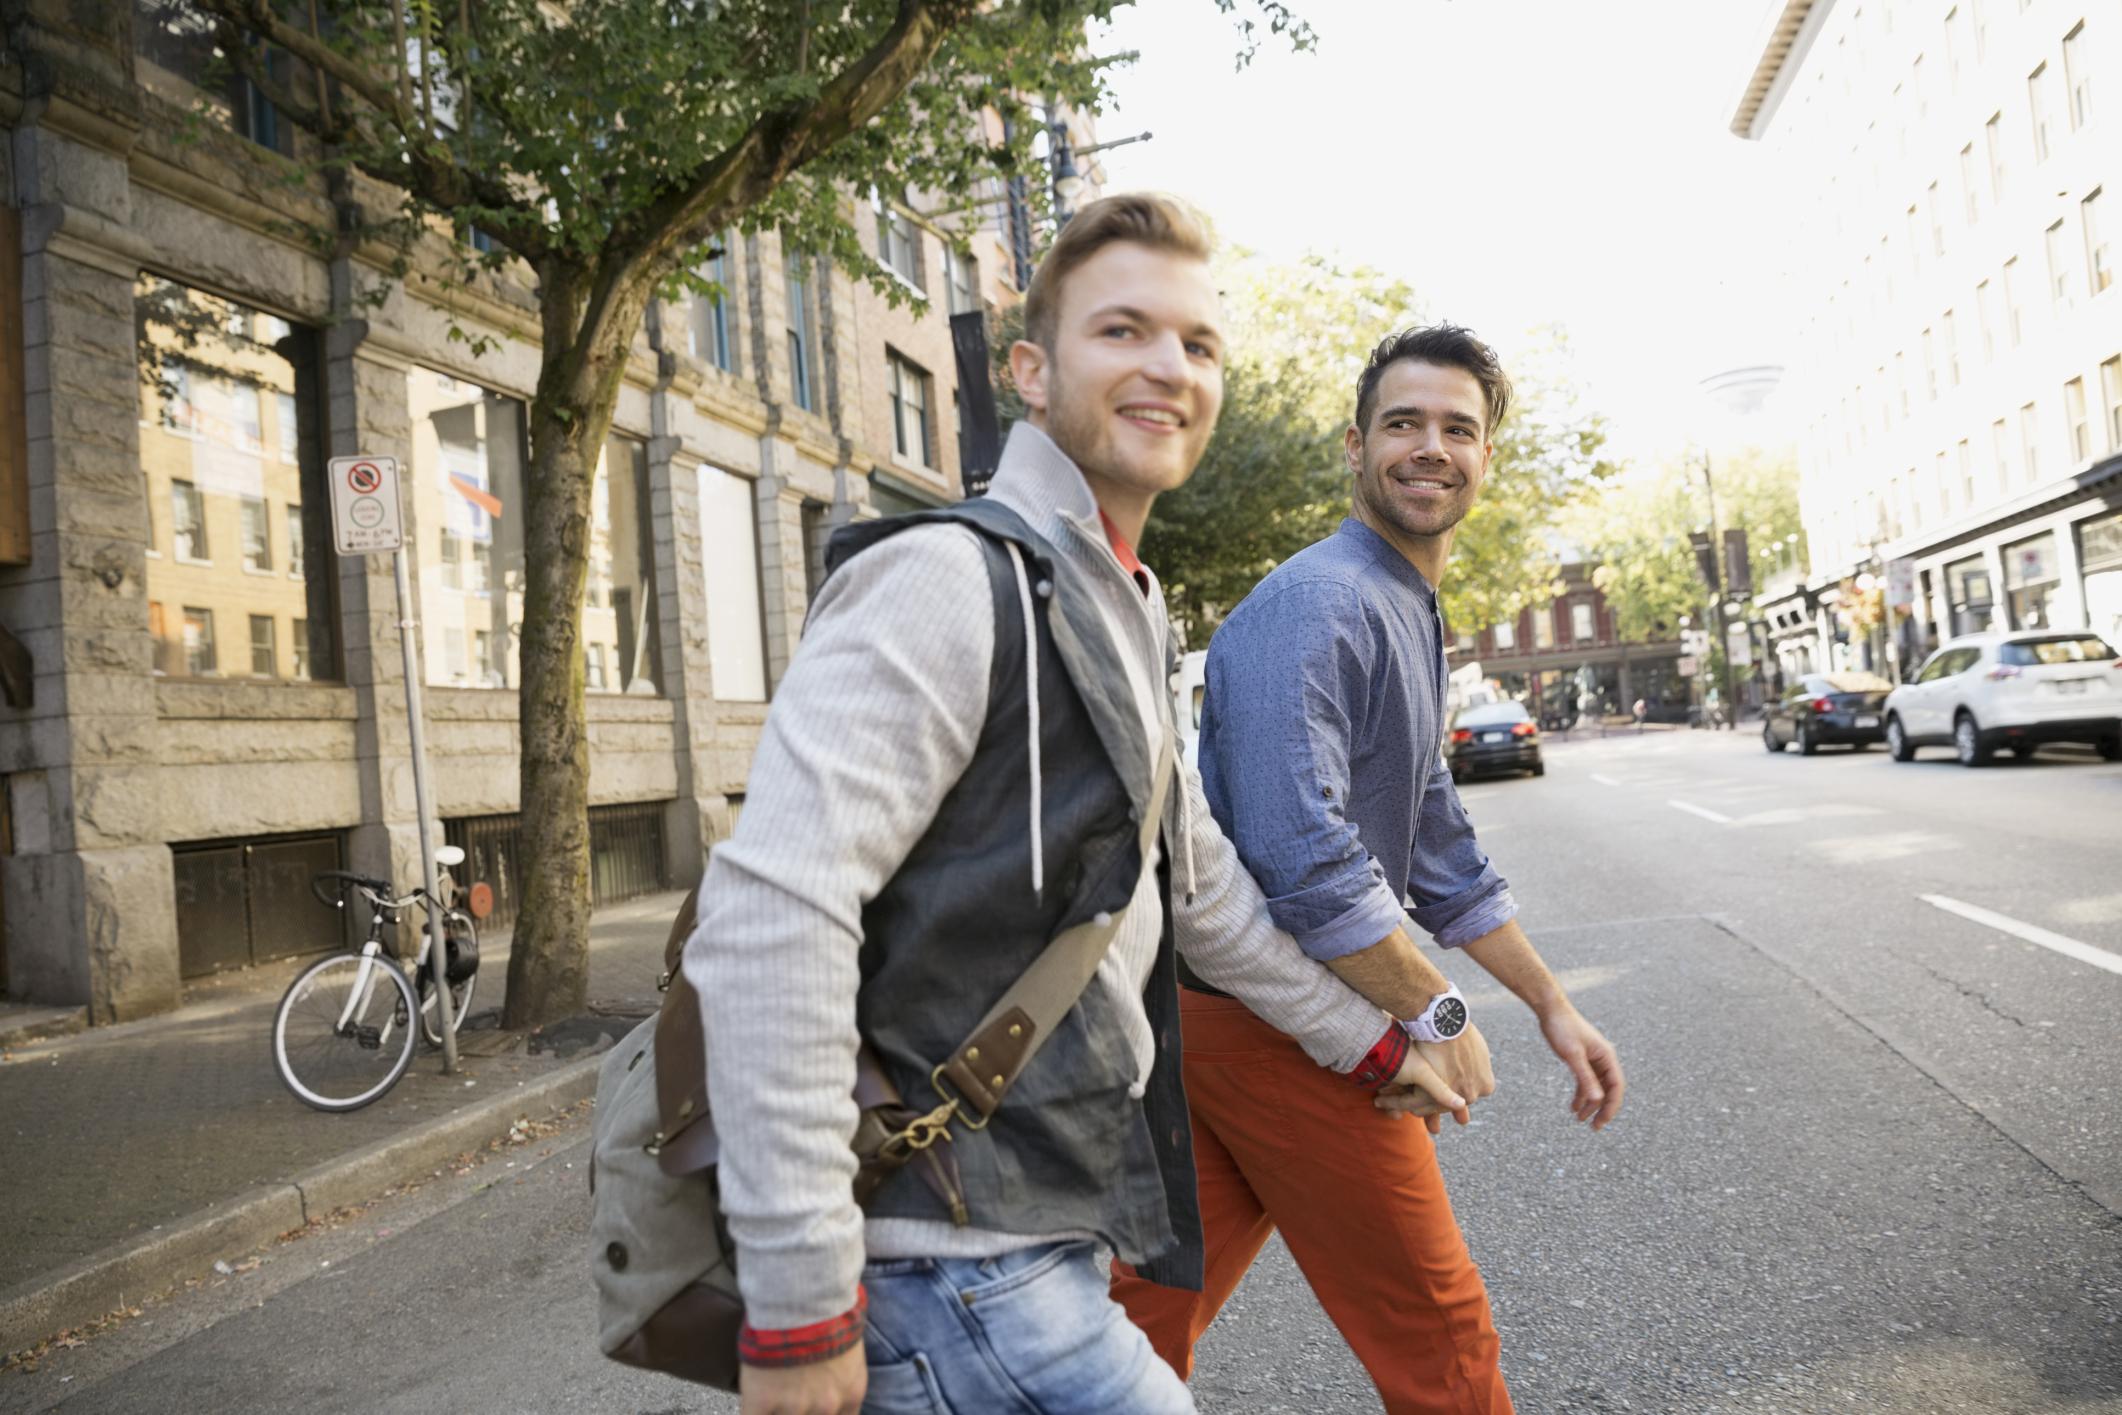 Site rencontre gay gratuit site rencontre femme malgache une rencontre amoureuse site